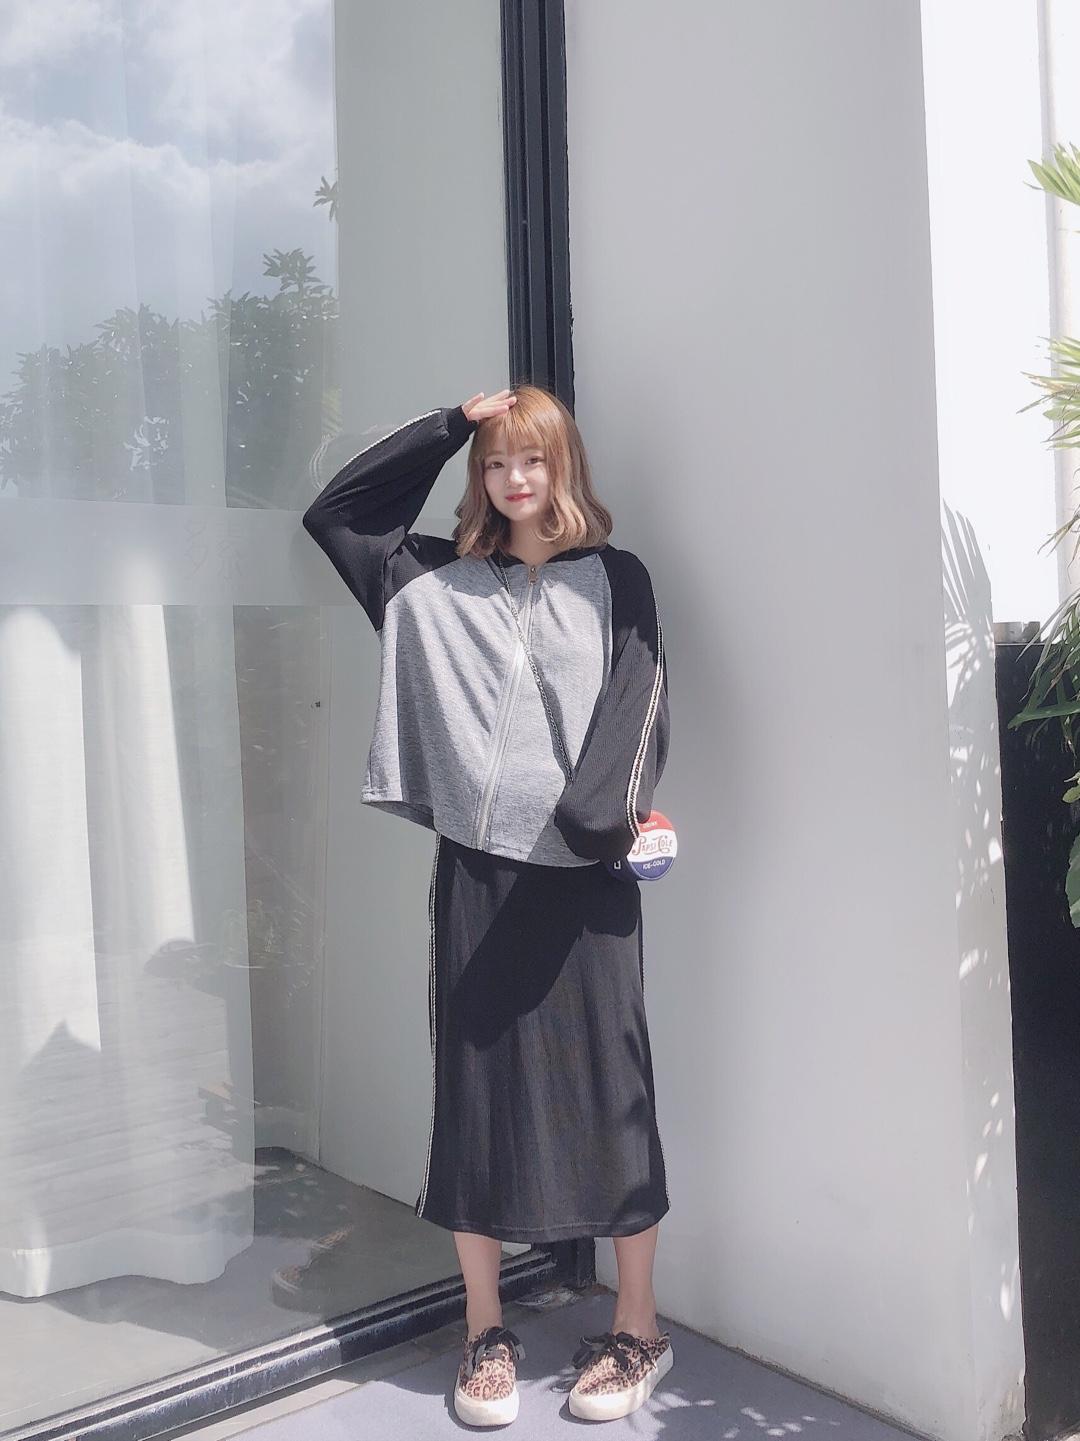 #入秋最靓!韩系小姐姐风#  敲温柔的一套 适合入秋的一个套装~ 很适合小个子穿哦 美美哒 嘻嘻~ 黑灰配色真的是很舒服啦~